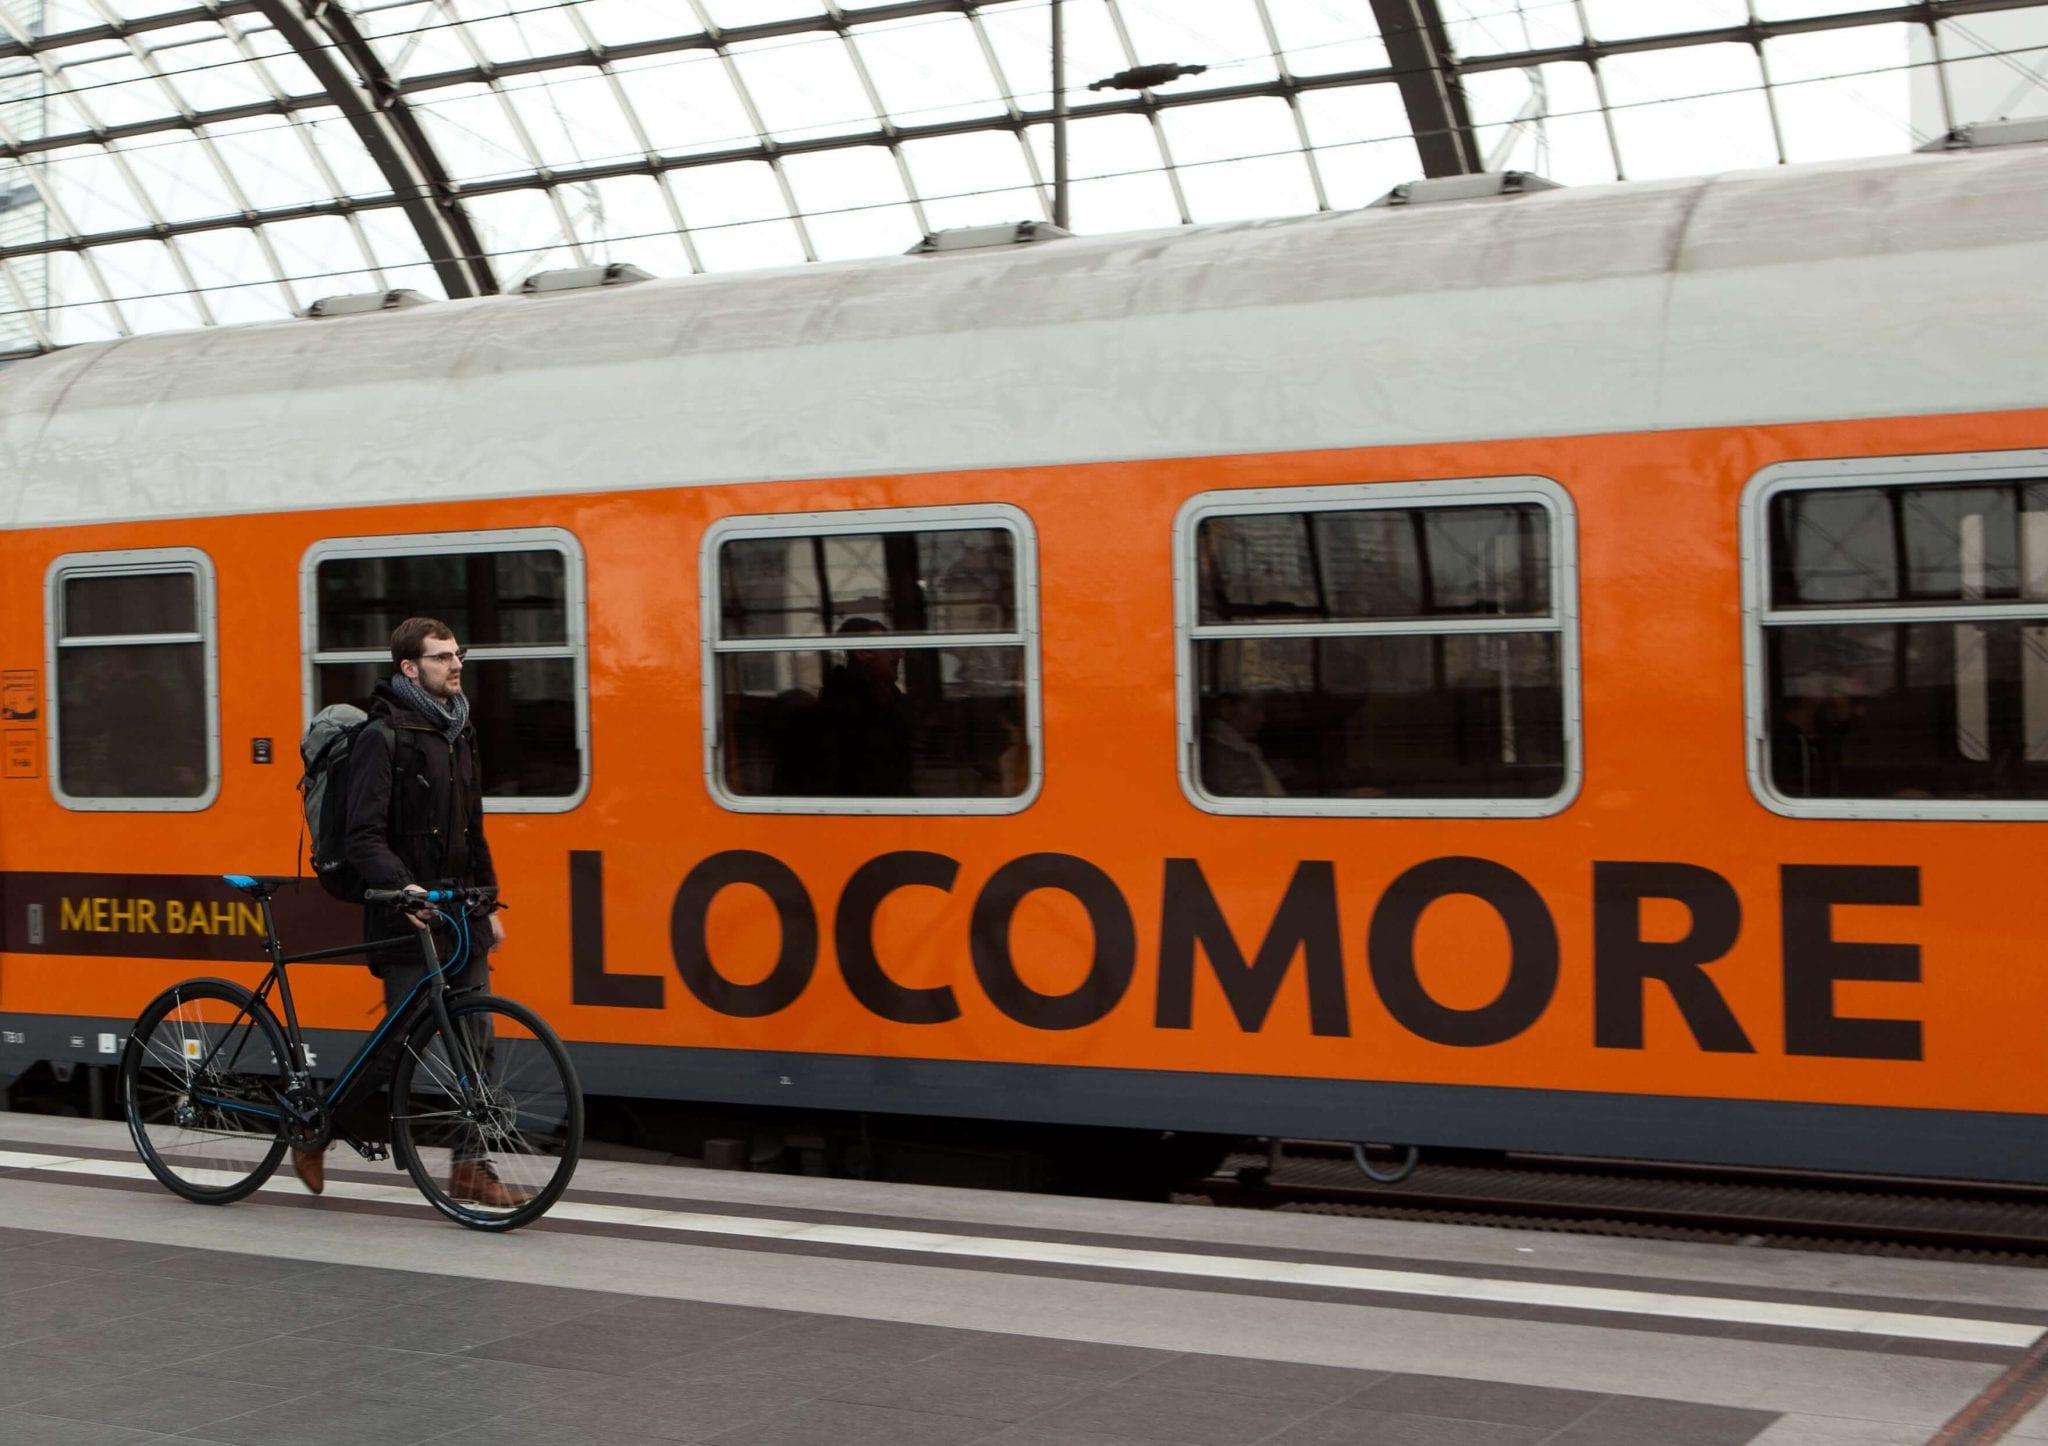 Locomore setzt voll auf Nachhaltigkeit. Das Konzept ist mutig - und hätte den Erfolg verdient. © NATURSTROM AG